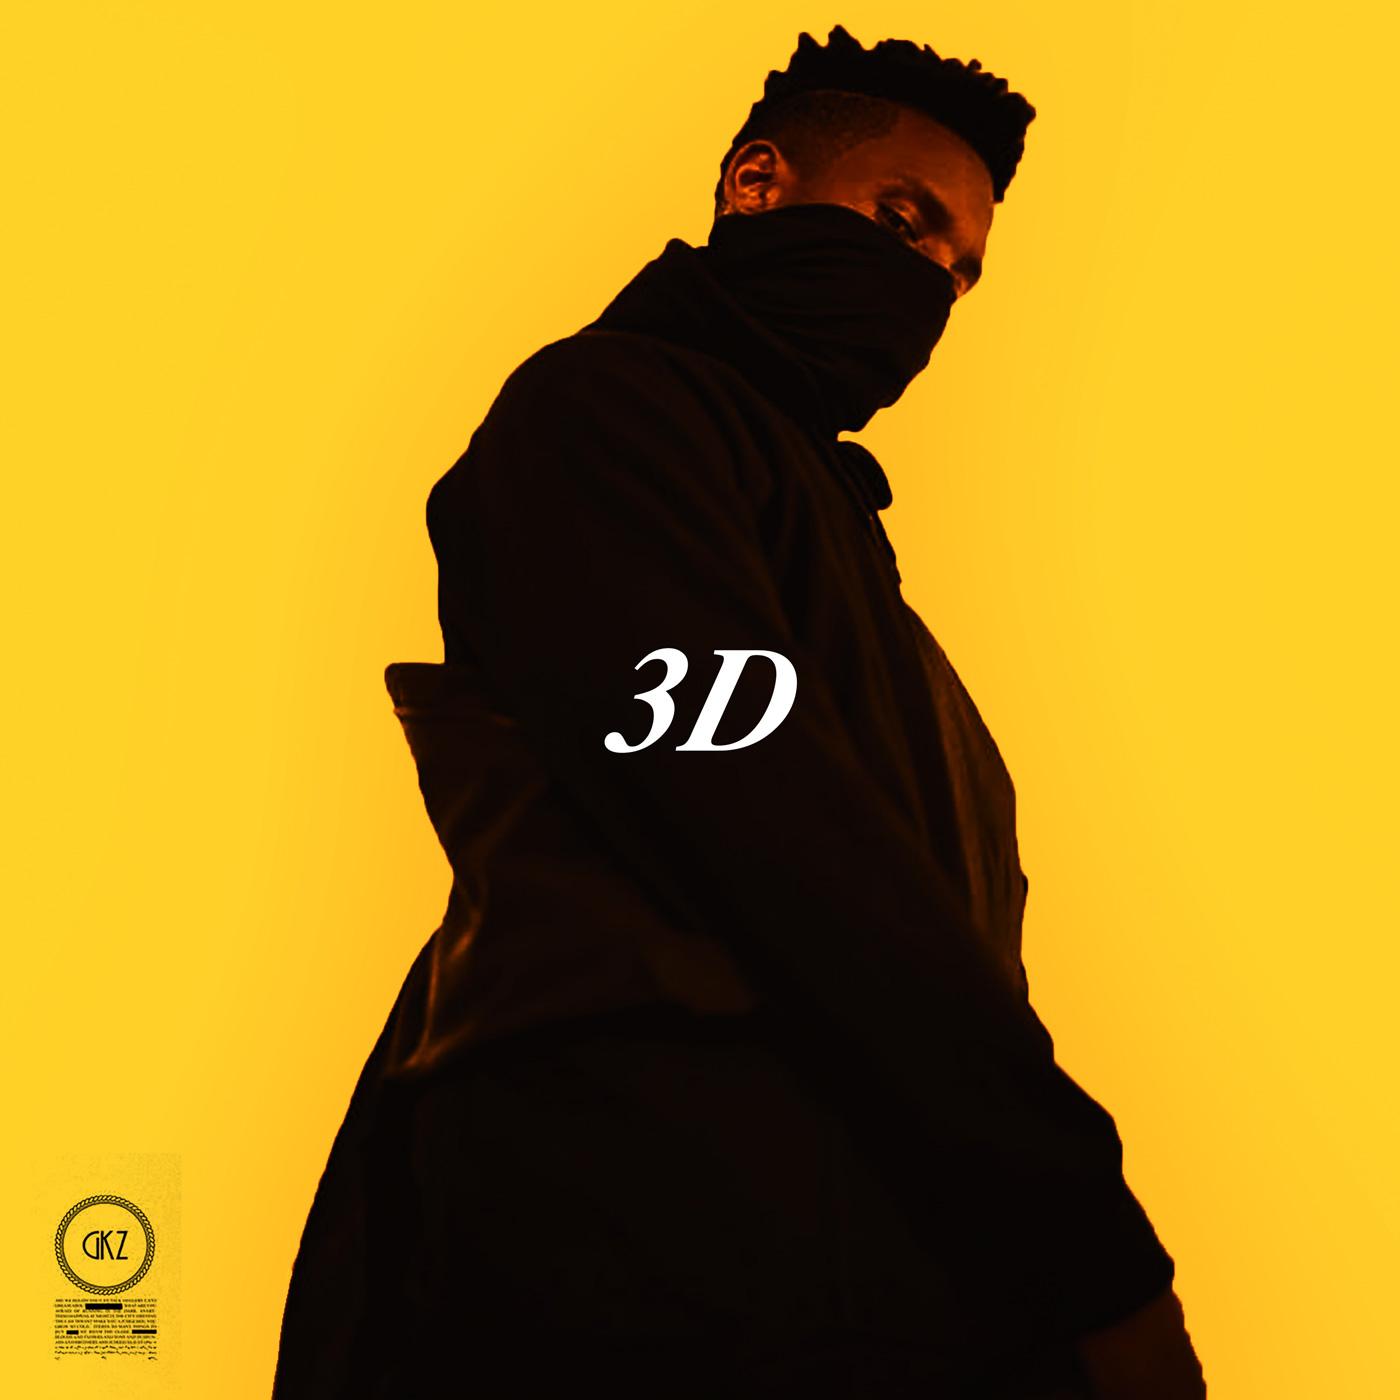 New on Warp – Listen to '3D'